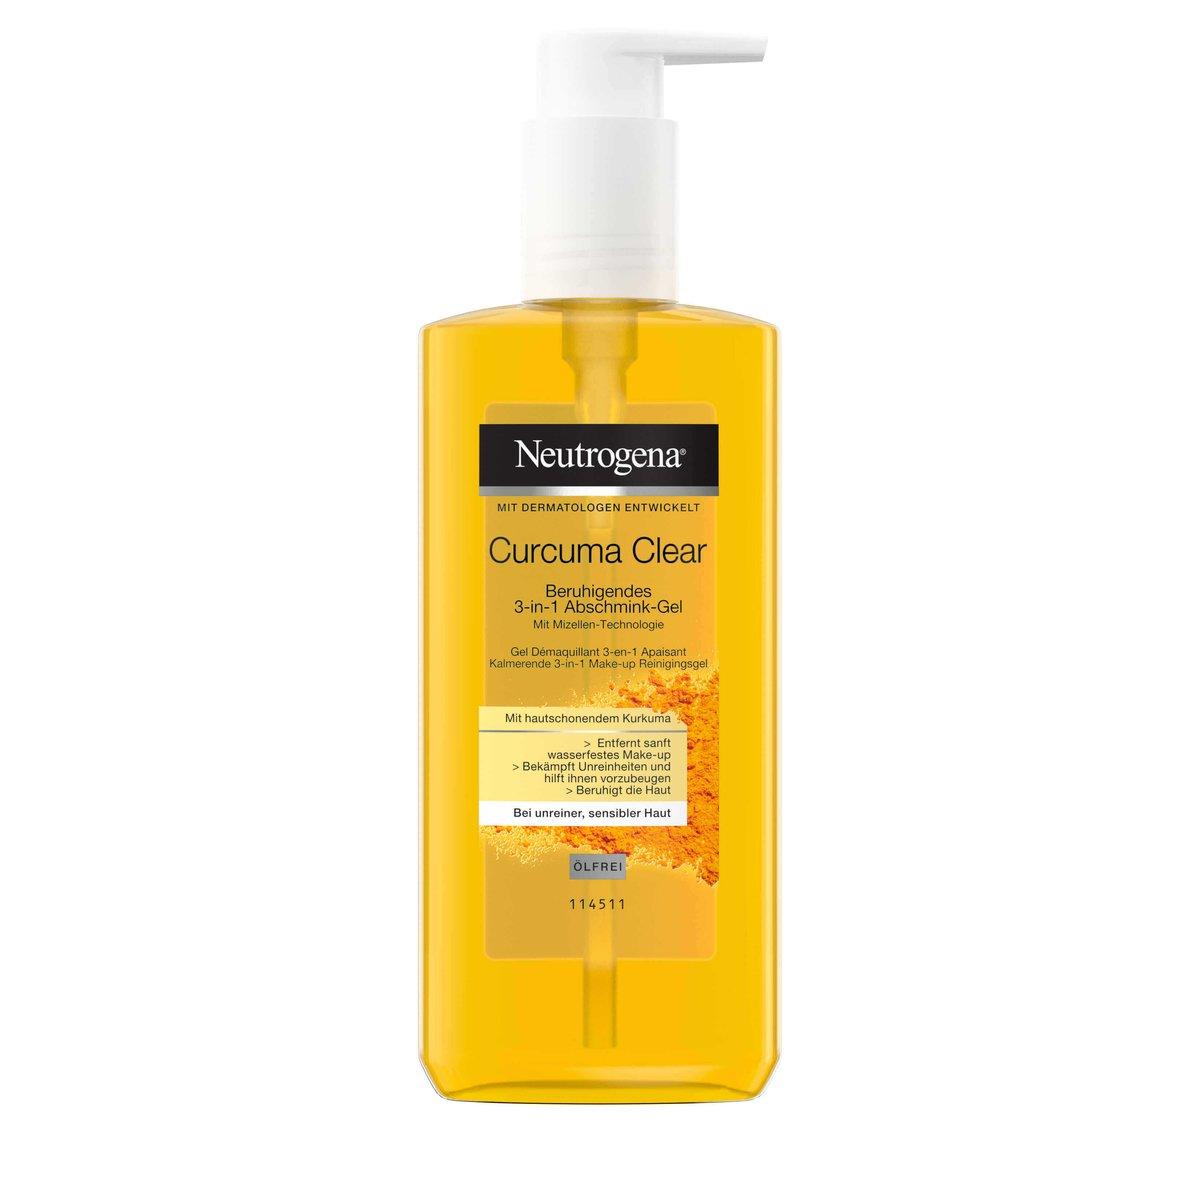 Curcuma Clear Beruhigendes3-in-1 Abschmink-Gel